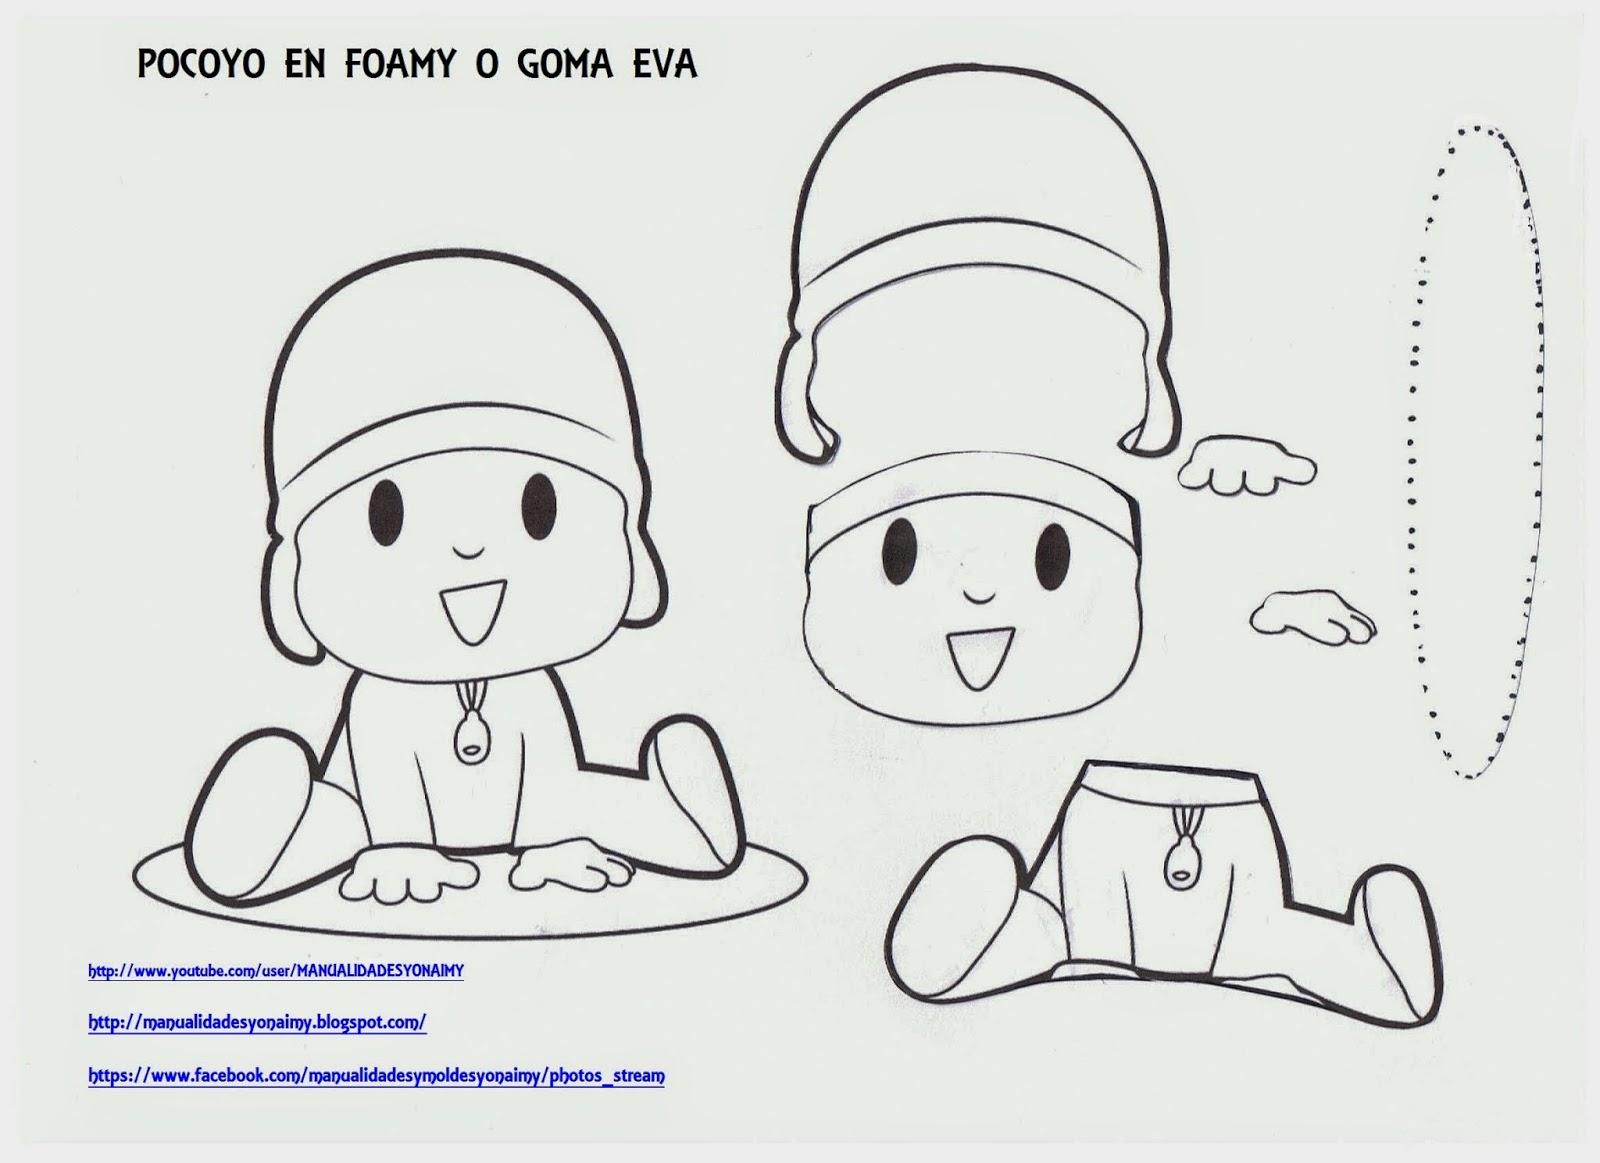 Publicadas por MANUALIDADES YONAIMY a la/s 3:03 p. m.